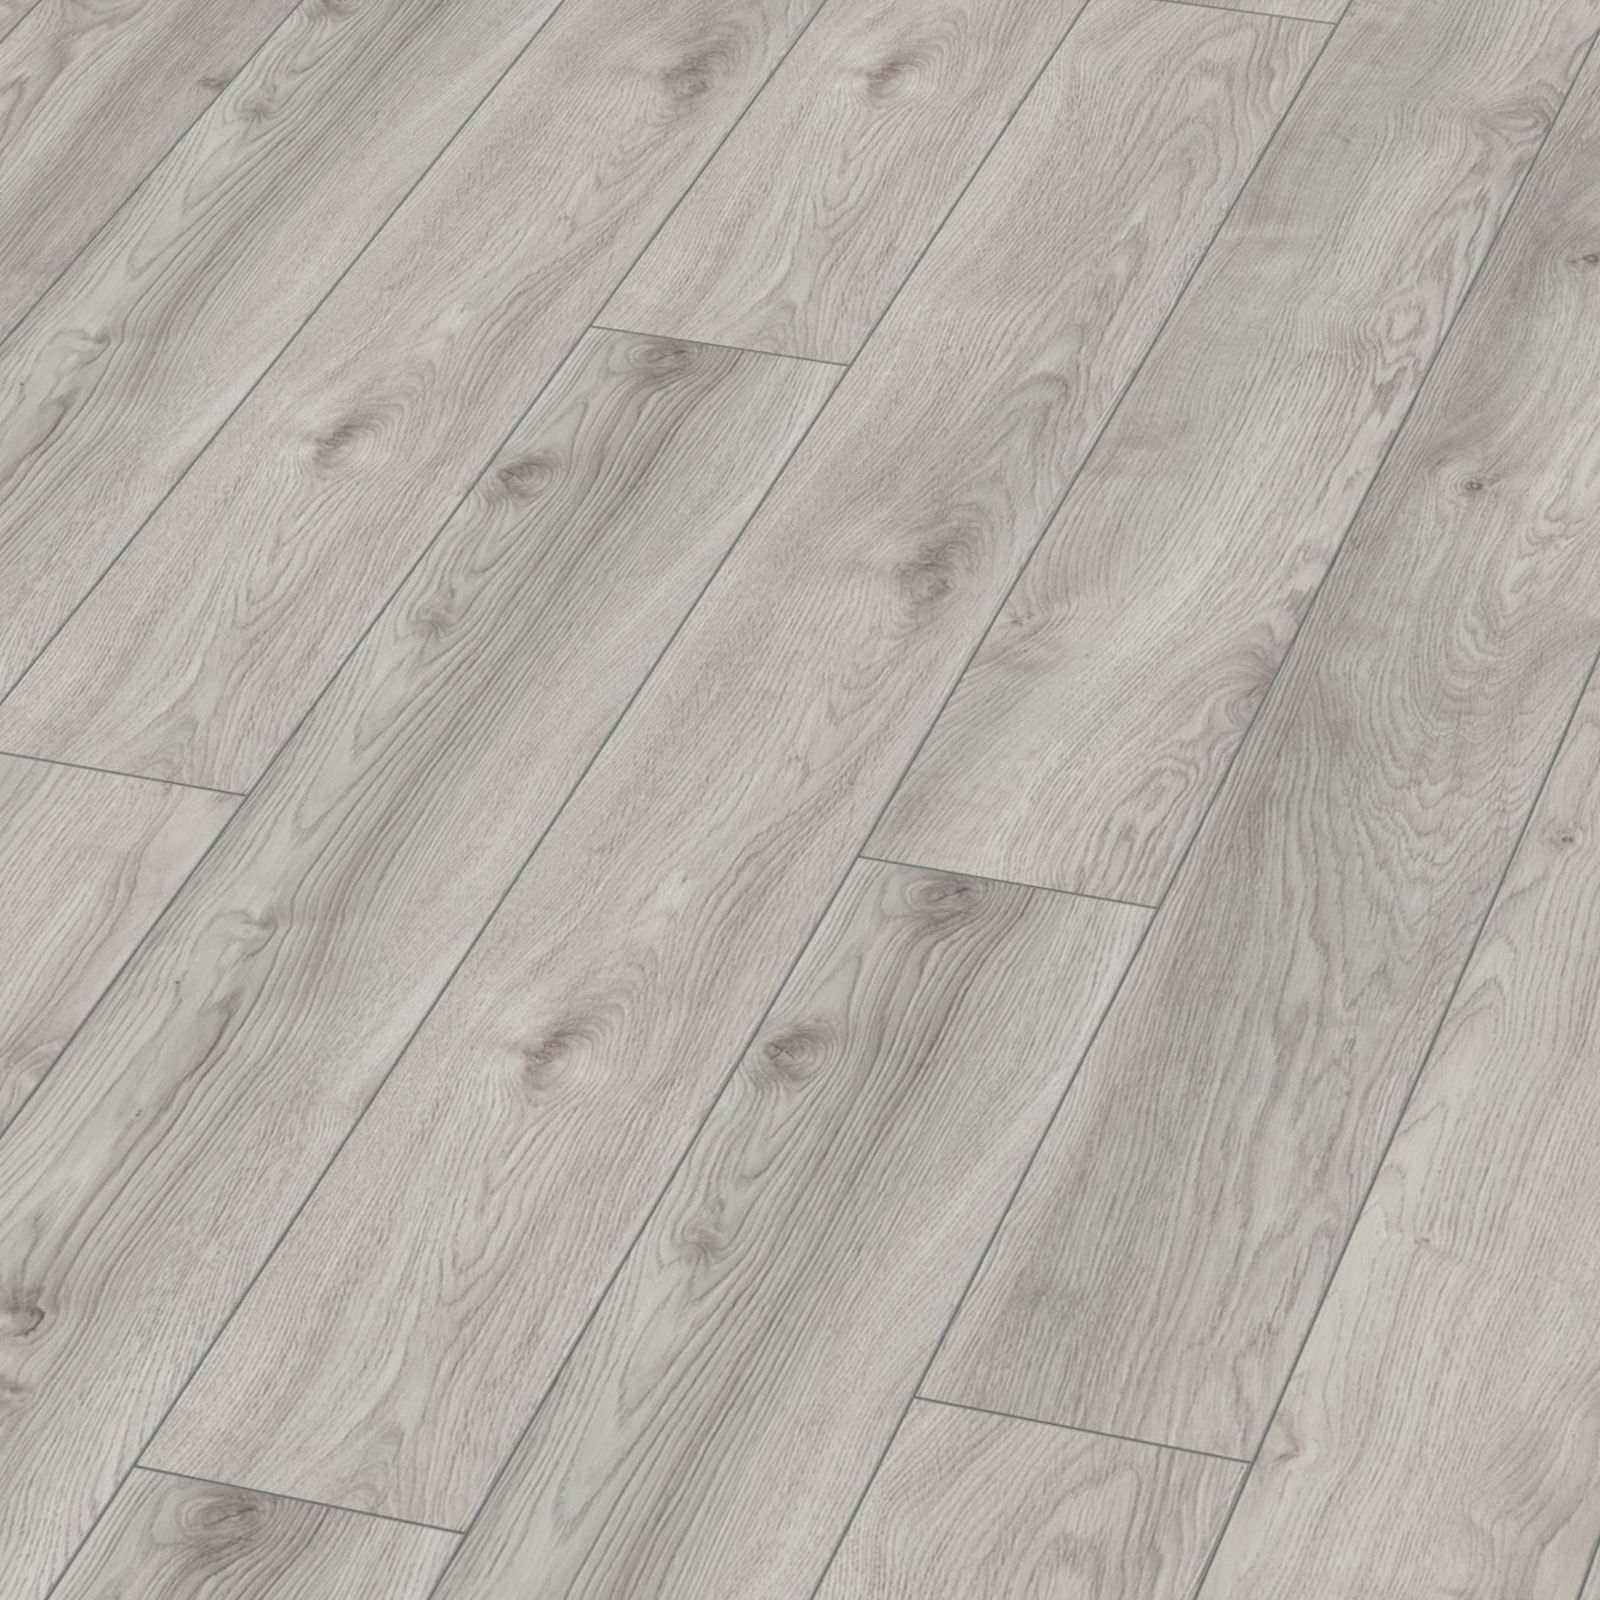 kronotex mammut plus makro eiche weiss d4793 laminat palette 75 60 m mammut plus 10 mm. Black Bedroom Furniture Sets. Home Design Ideas